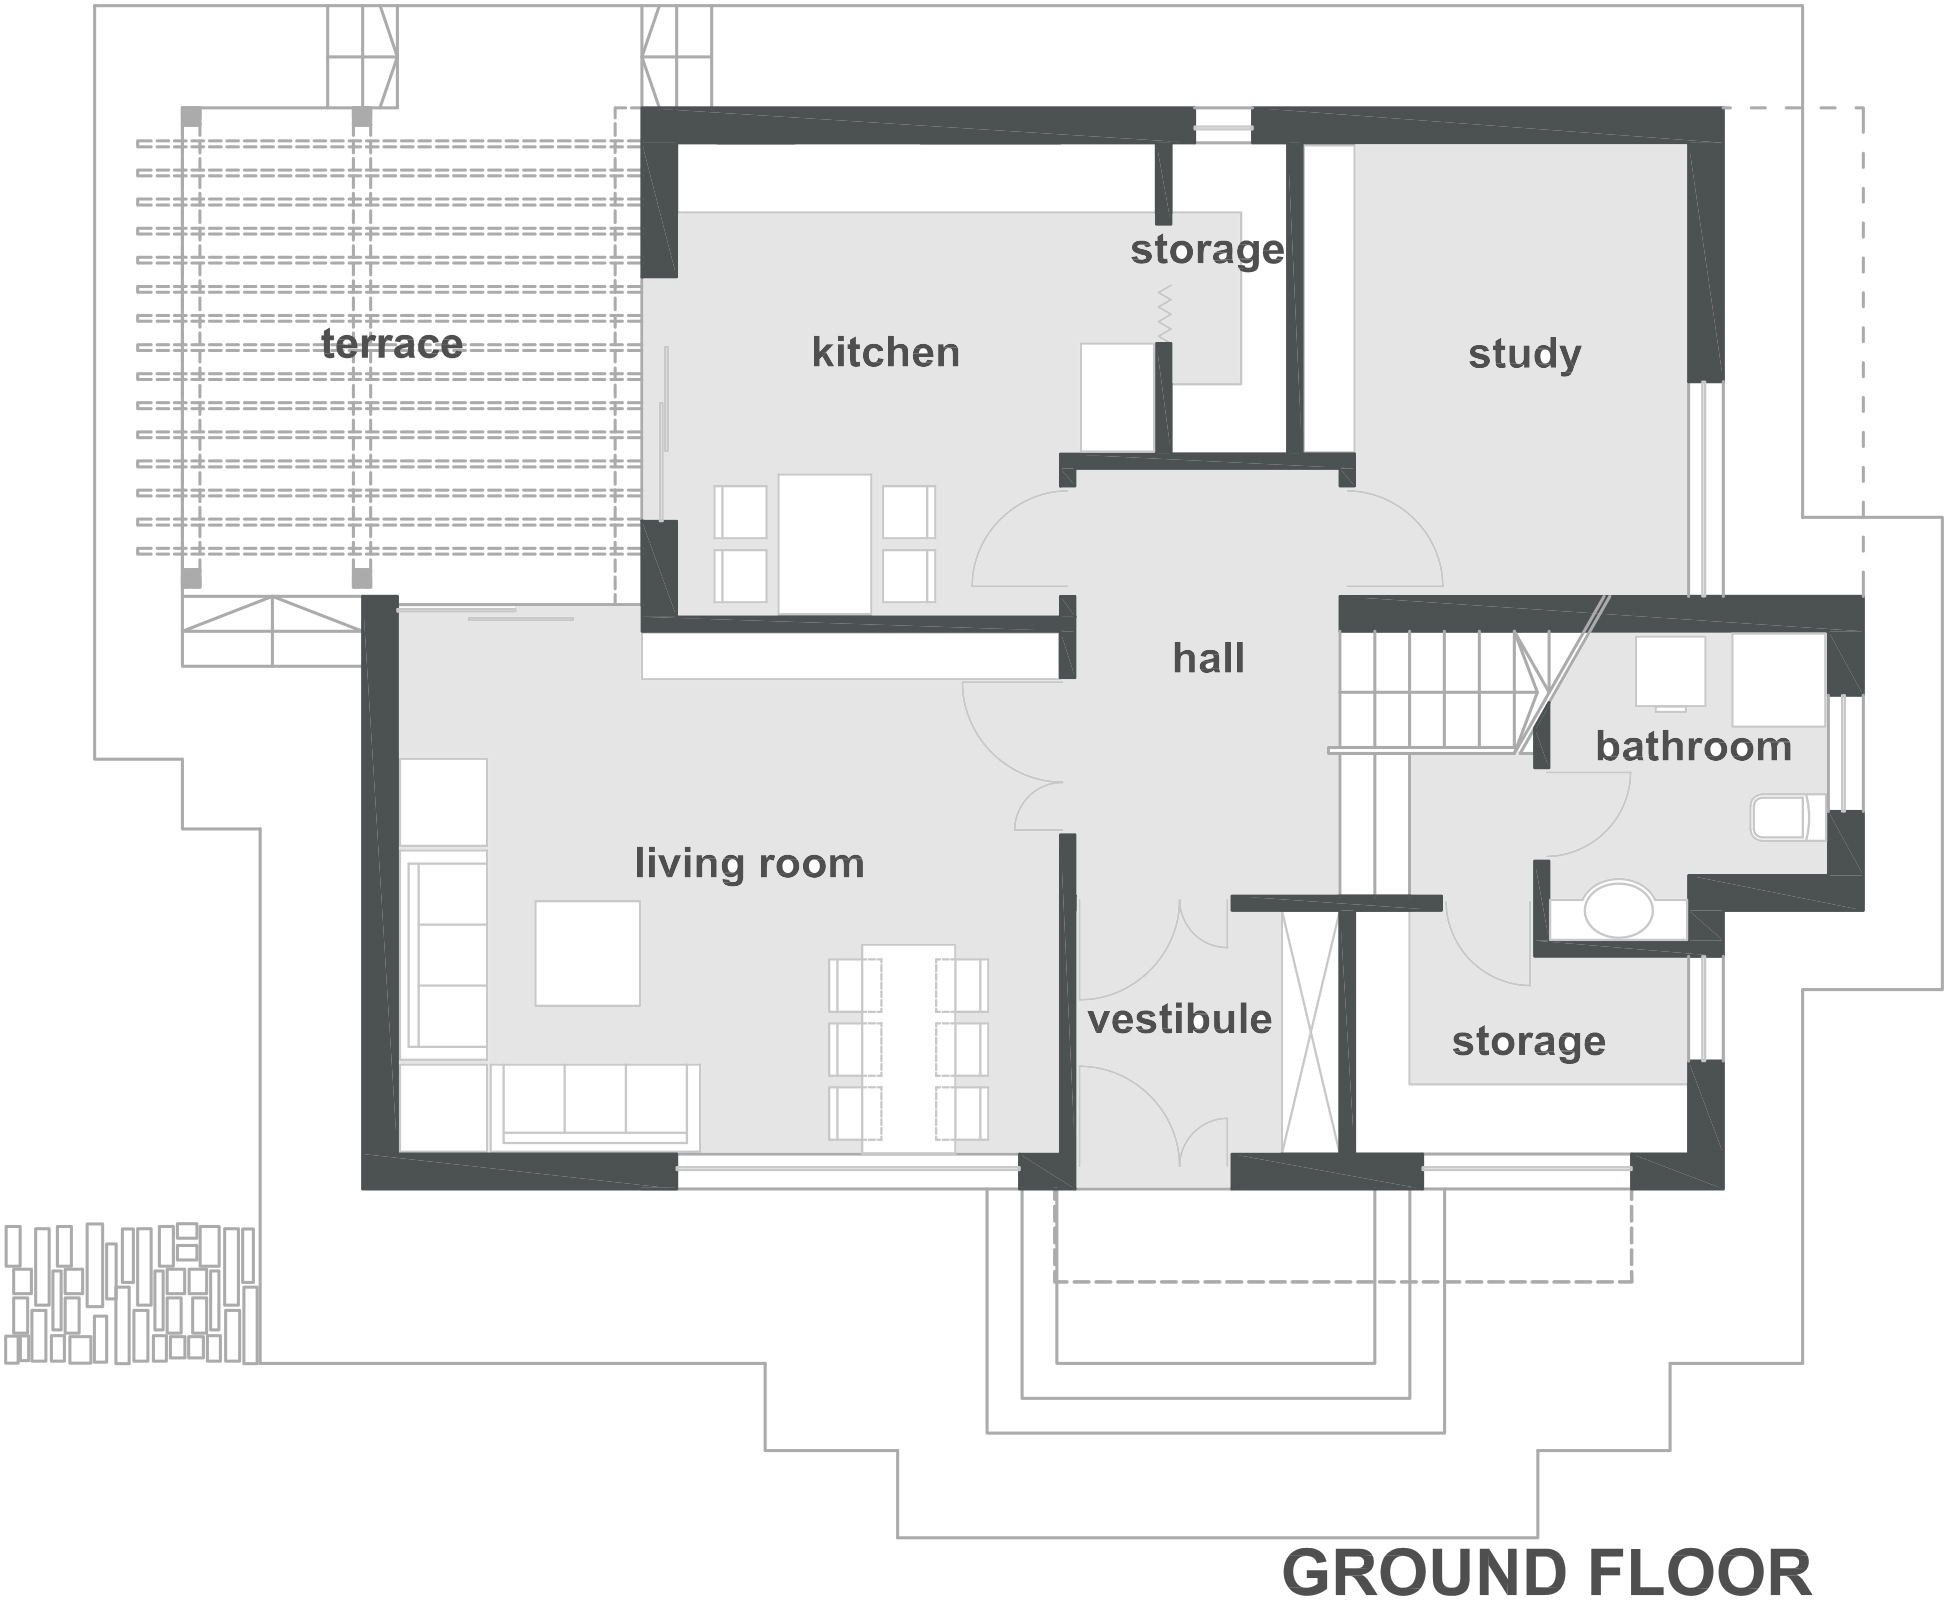 ground-floor Bragadiru